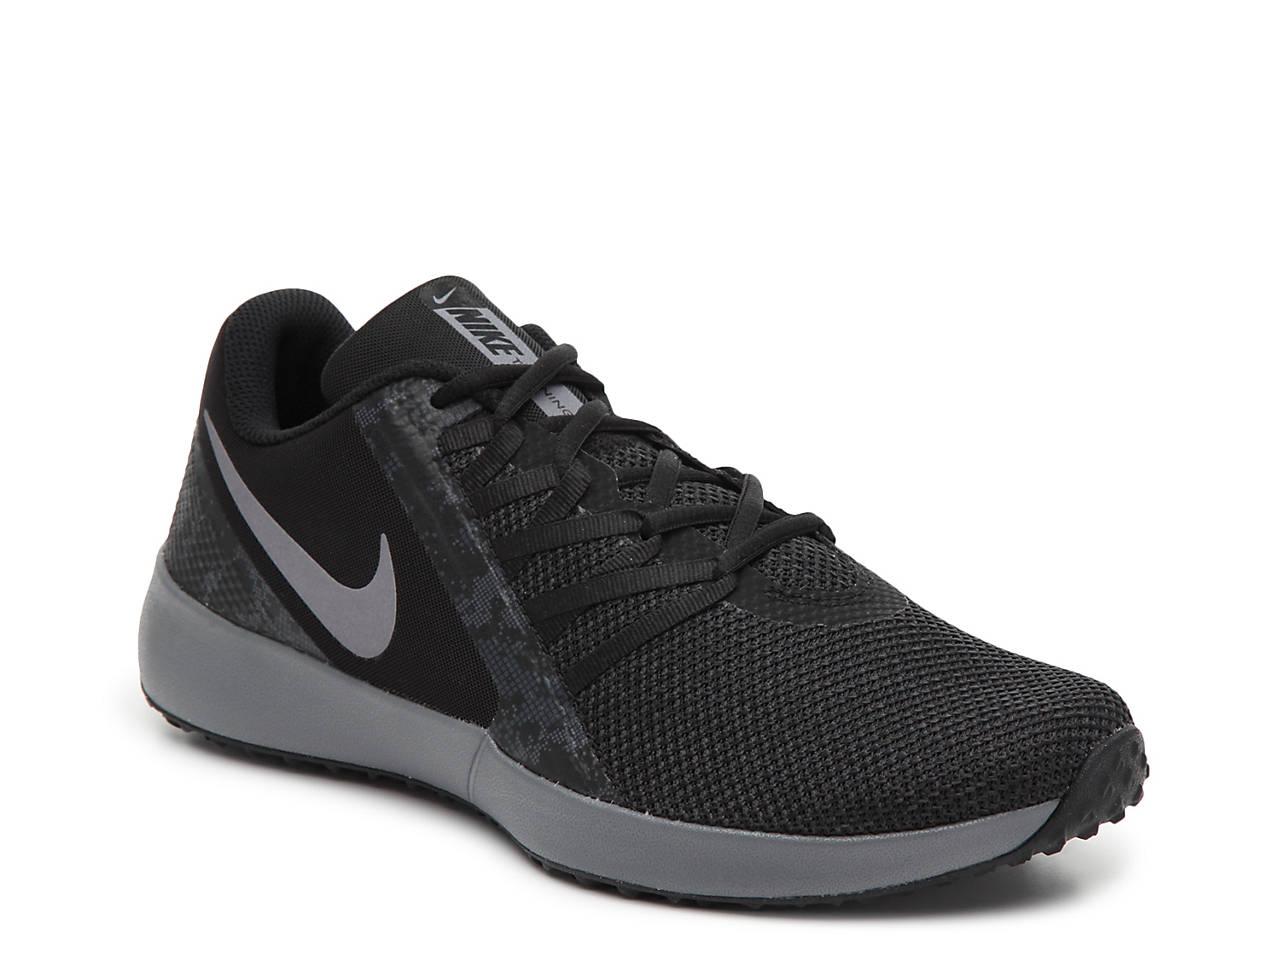 9b74f56eb23d Nike Varsity Compete Training Shoe - Men s Men s Shoes